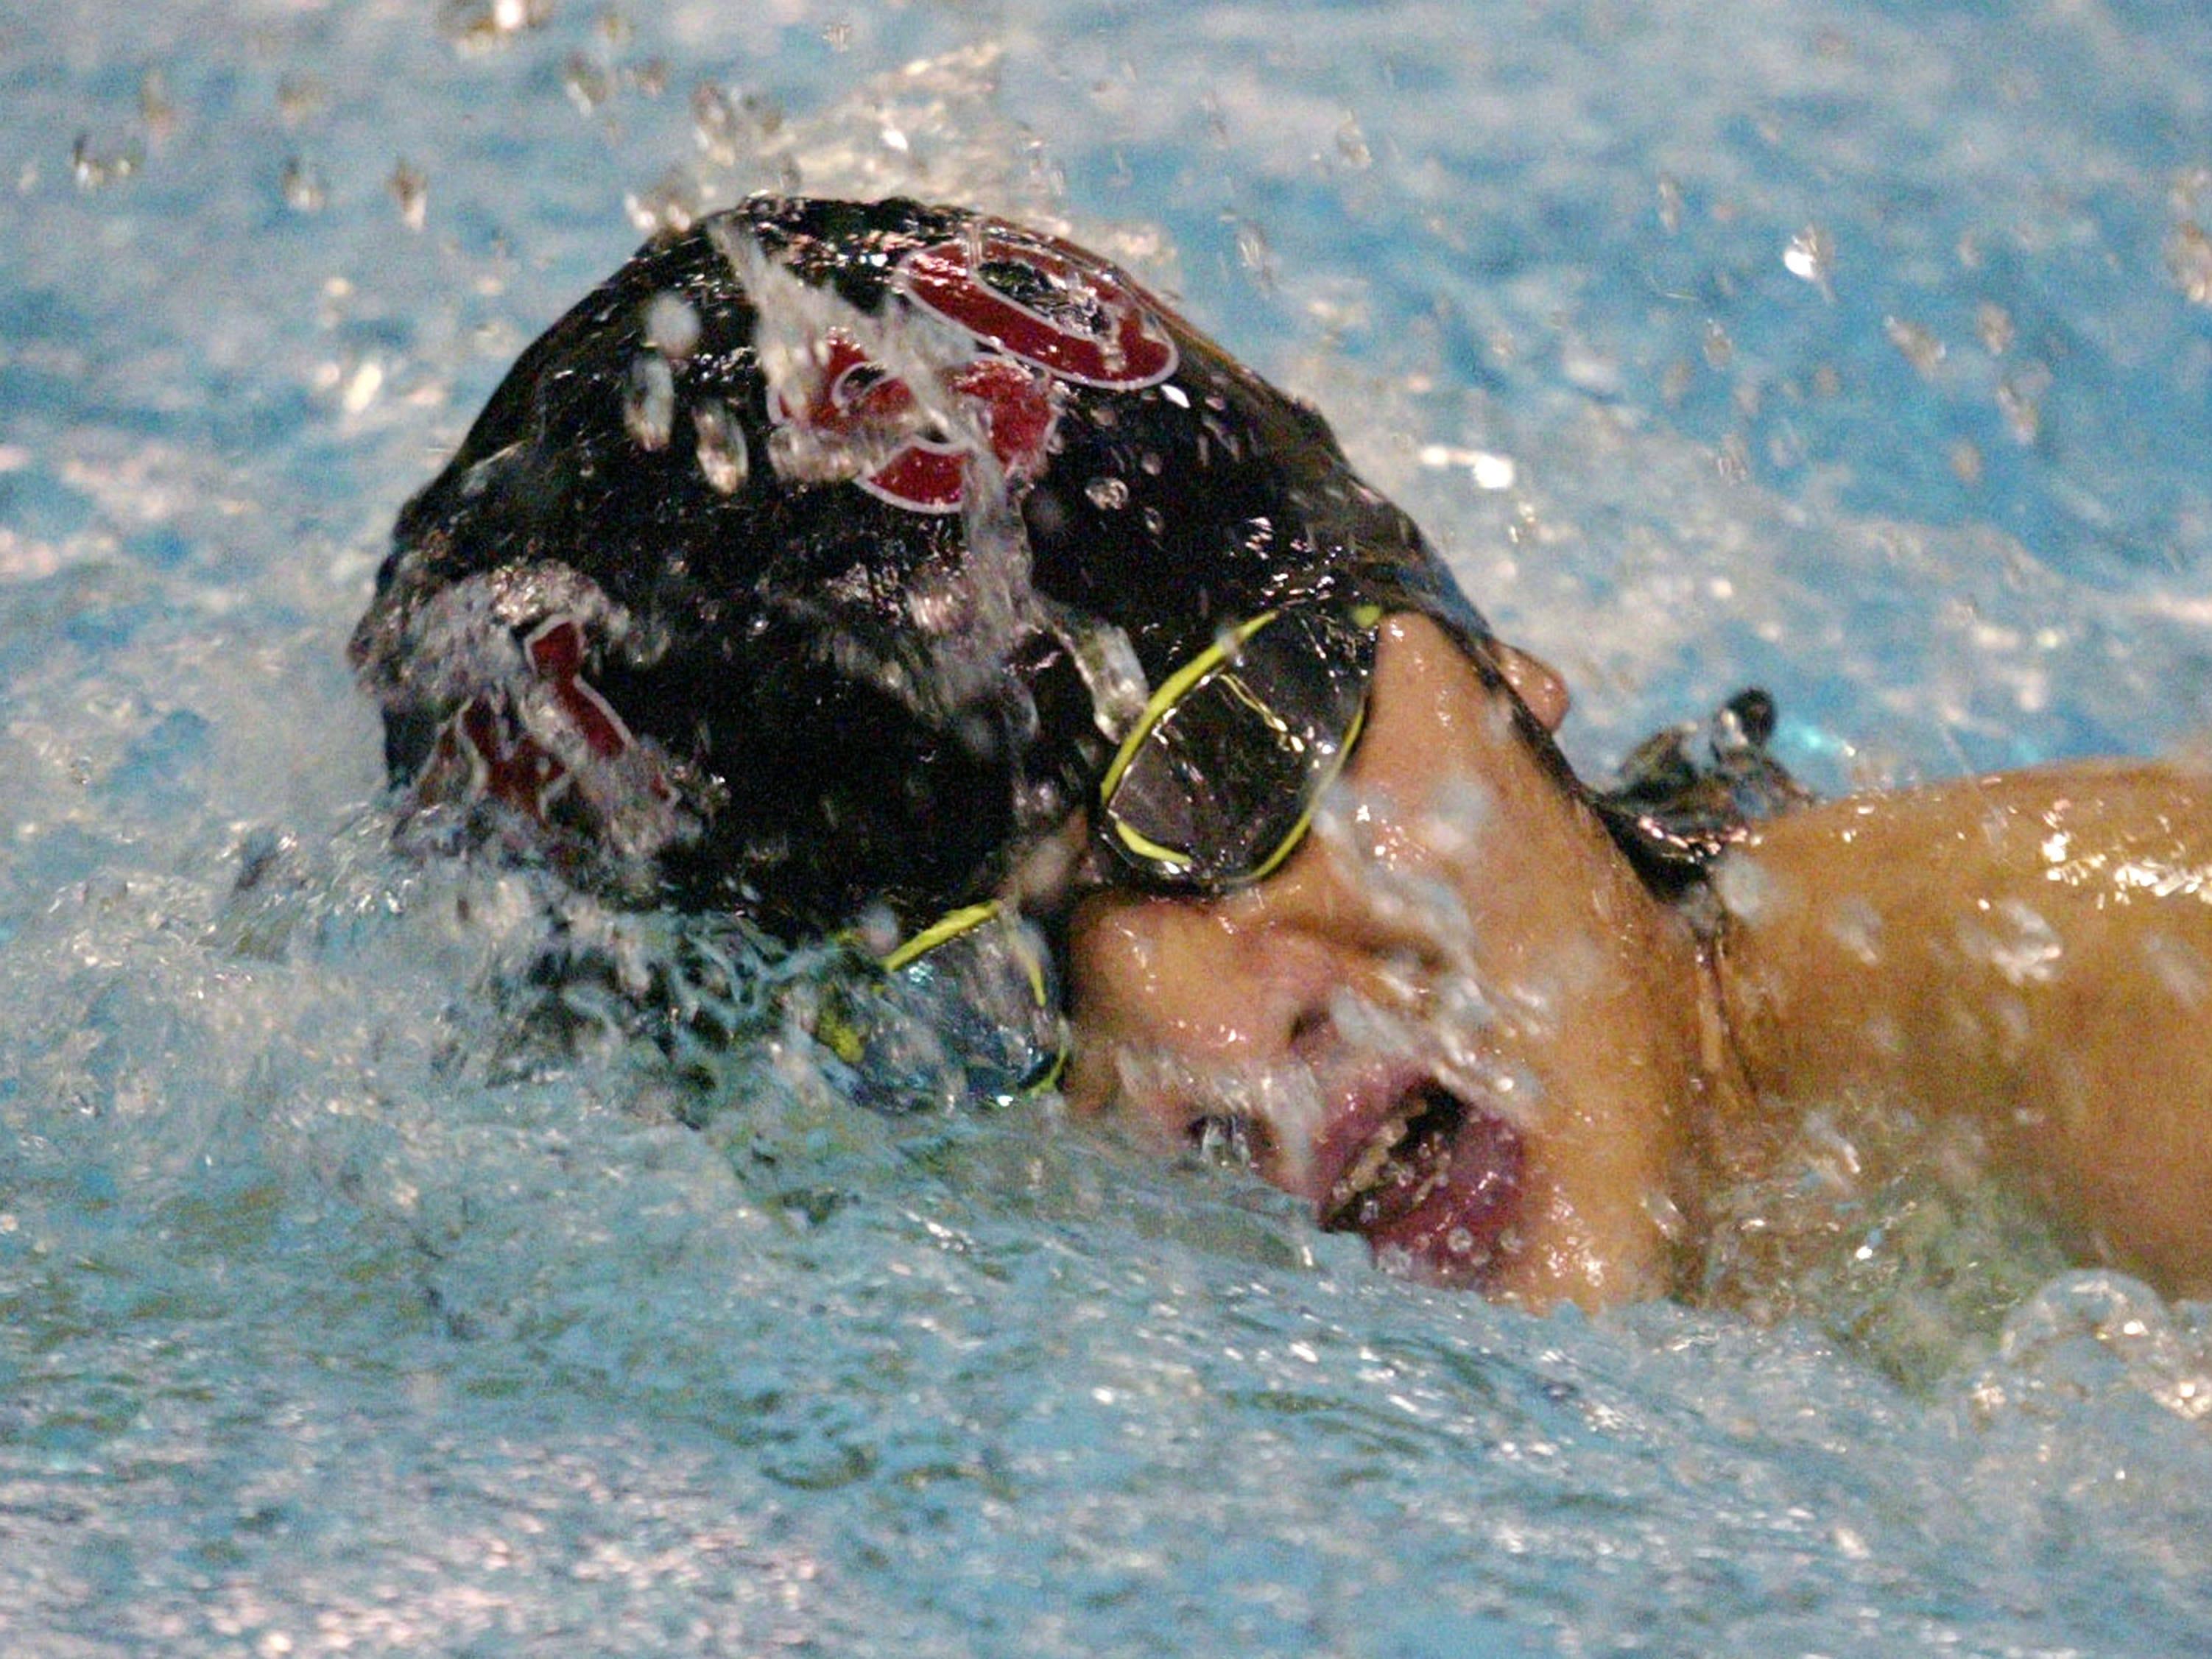 Sheboygan South's Cheng Xiong swims th 200 yard medley during the Sheboygan North Raider Relays, Saturday, January 5, 2019, in Sheboygan, Wis.